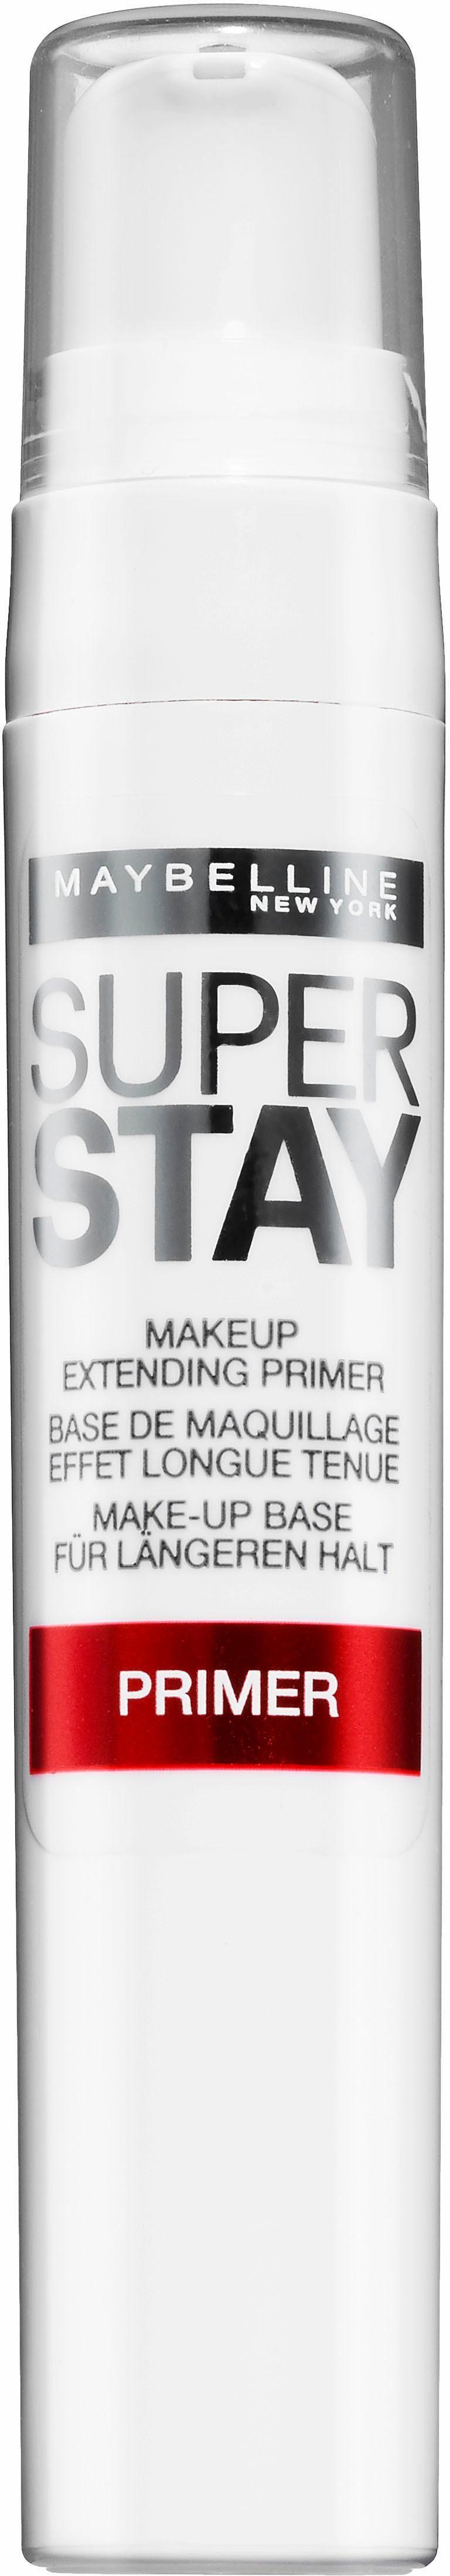 Maybelline New York, »Superstay 24H Primer«, Primer